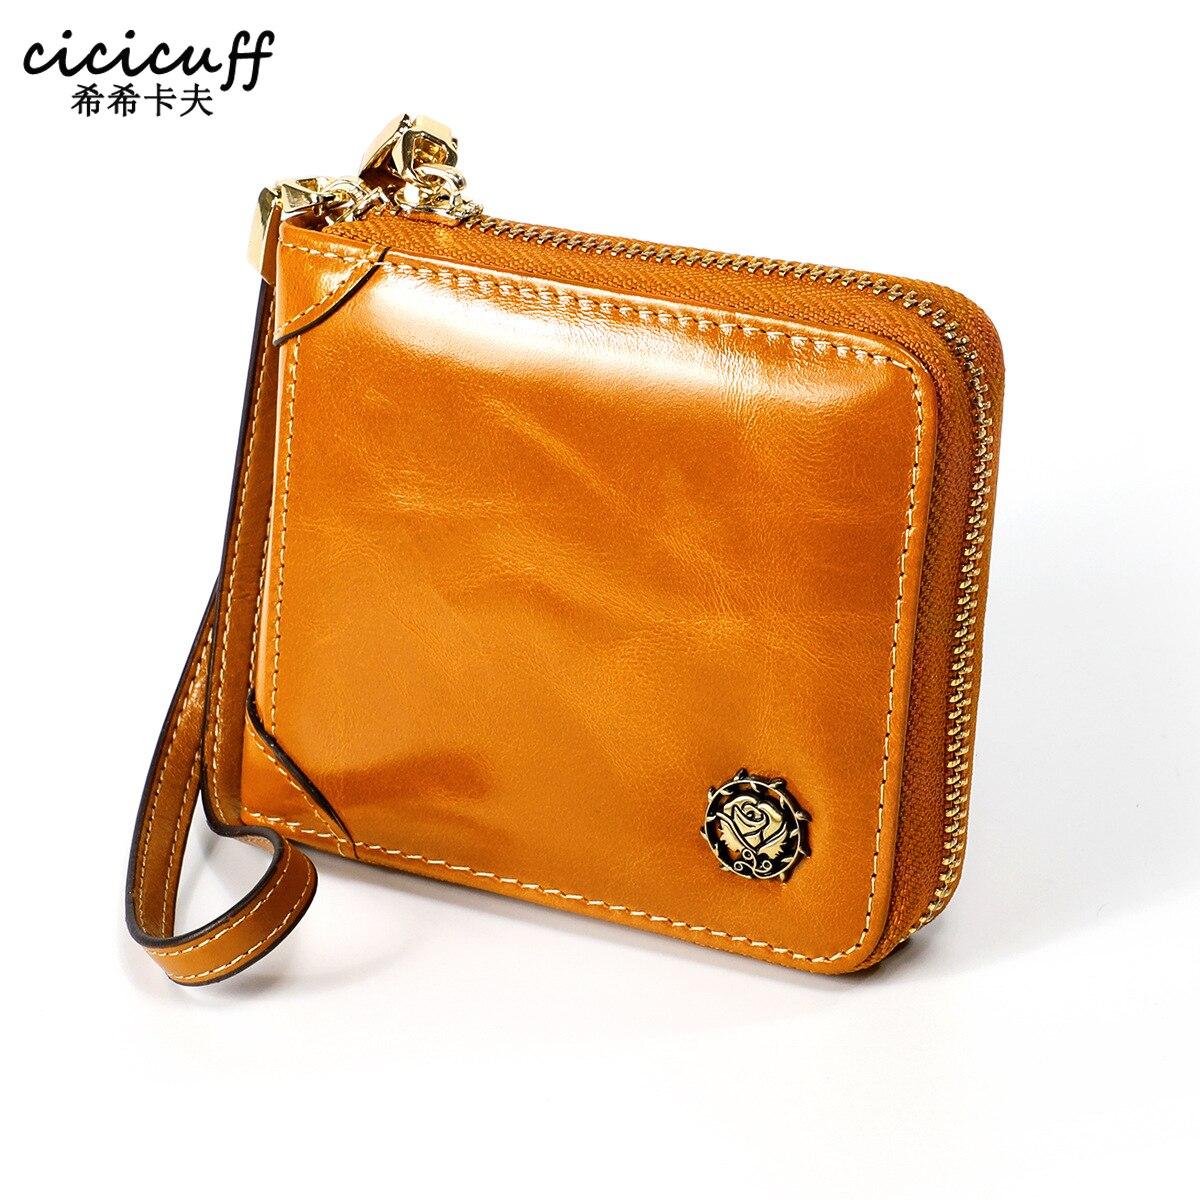 2020 Female Wallet Short Women Wallets RFID Lady Small Cowhide Leather Purse Girl Purses Wax Oil leather Clutch Walet Wristlets